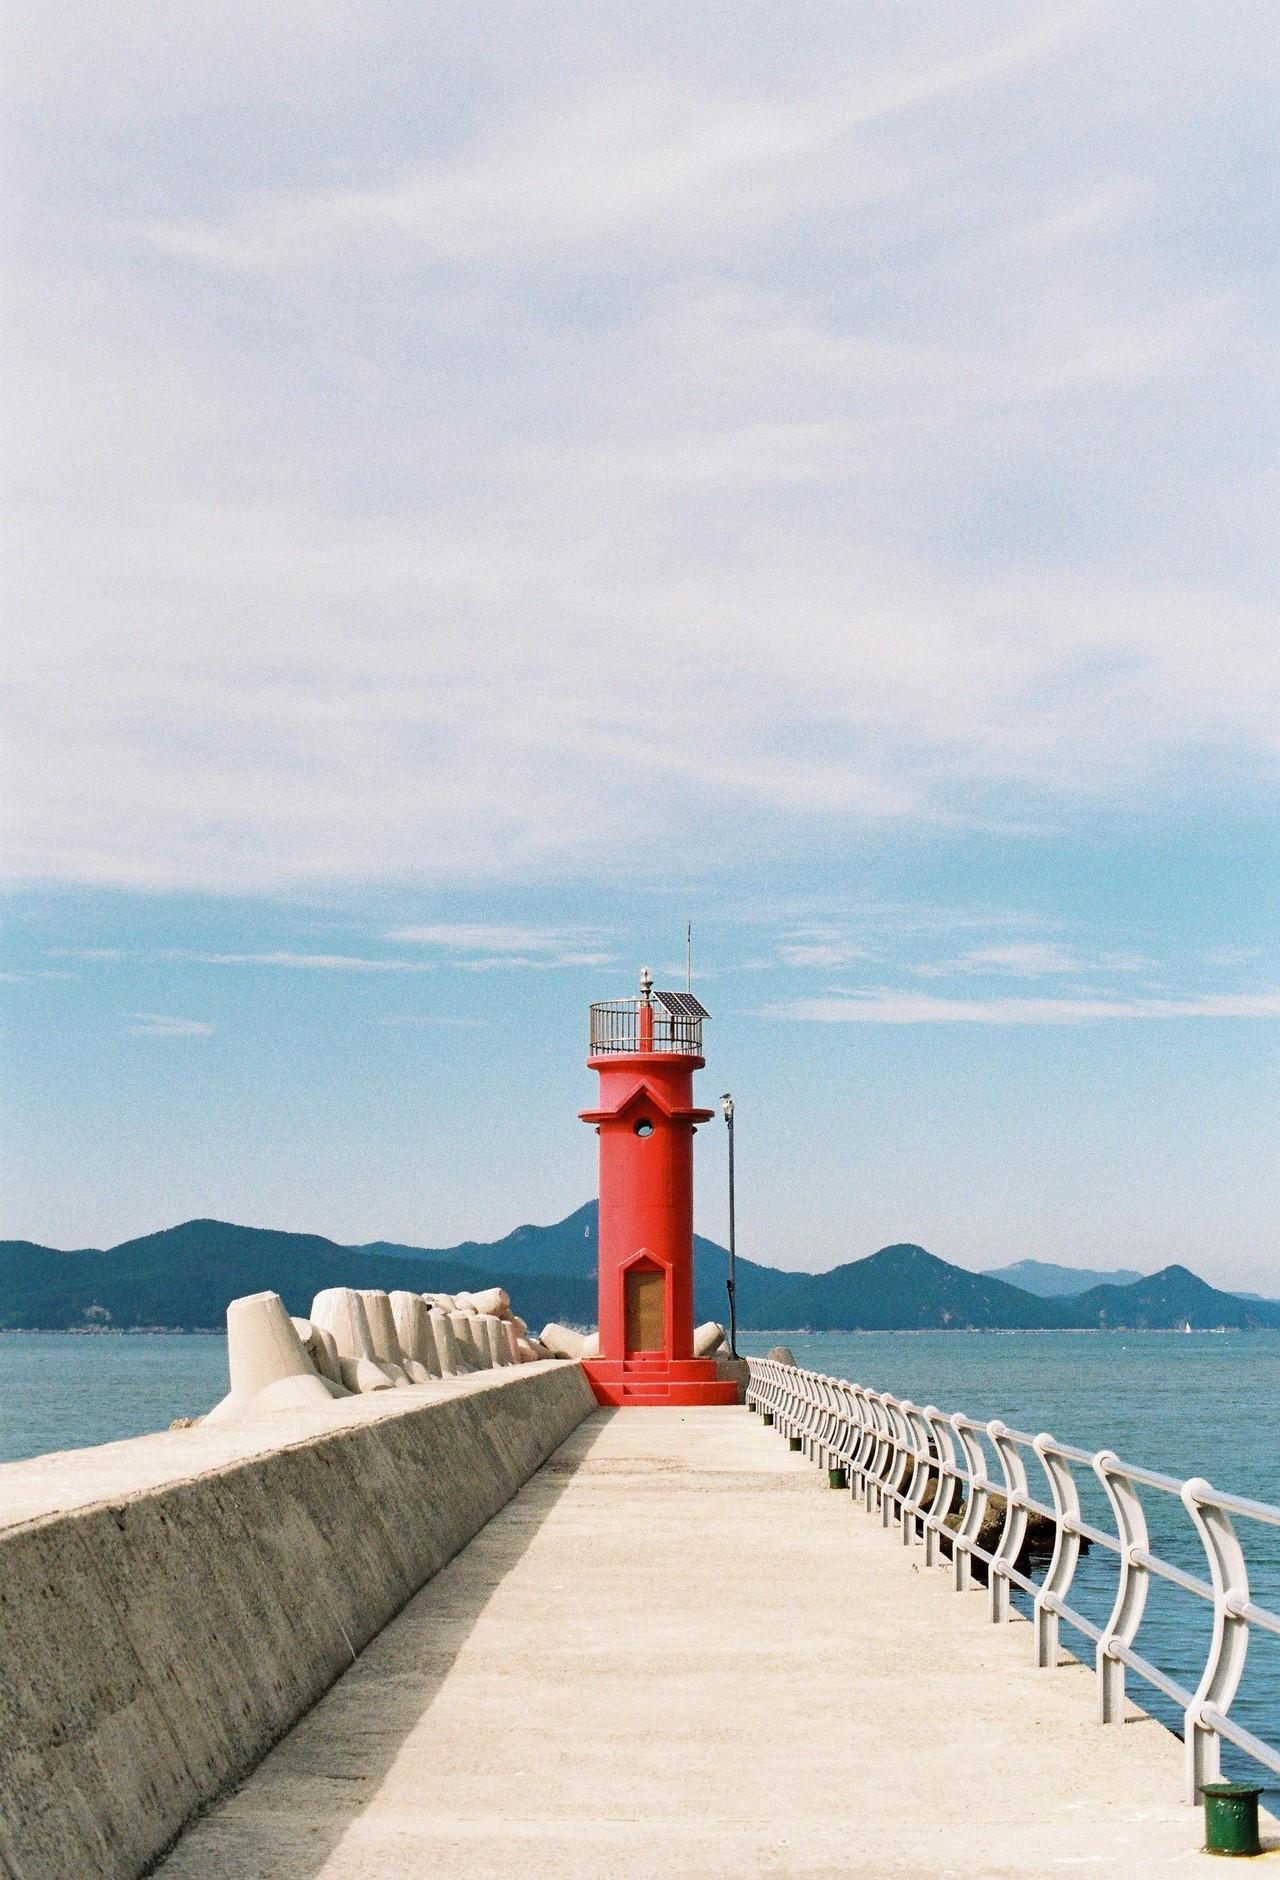 #9. 돌아가기 전 꼭 해야 할 것 하나. 파란 하늘과 초록 바다를 배경으로 빨간 등대 앞에서 사진 찍기. 등 뒤로 불쑥 다가온 배를 타고 시내로 돌아간다. 이렇게 가 본 섬 하나가 더 생겼다.